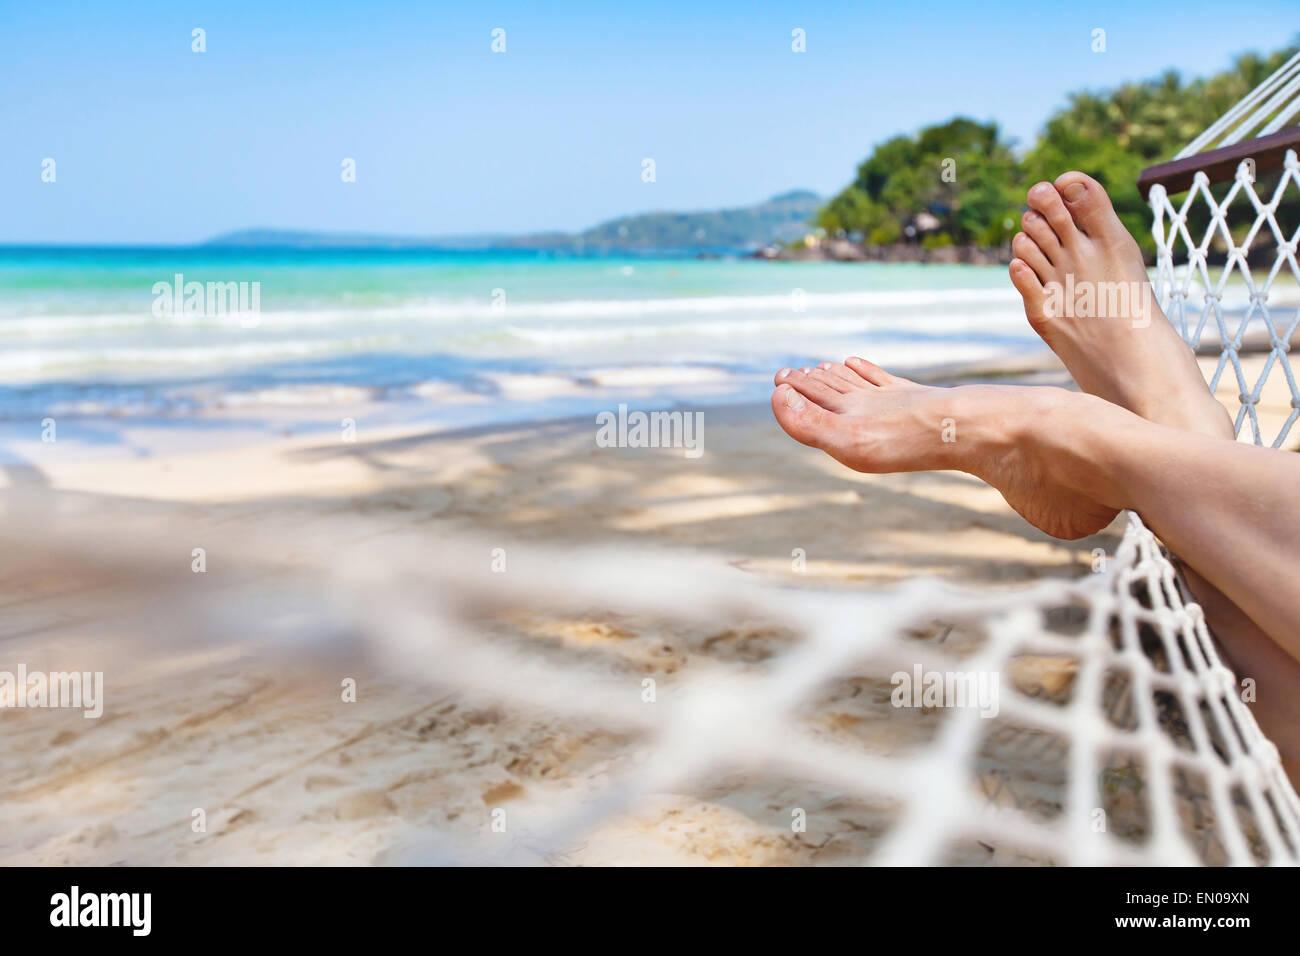 Relaxing in hammock sur la magnifique plage Paradise beach Photo Stock